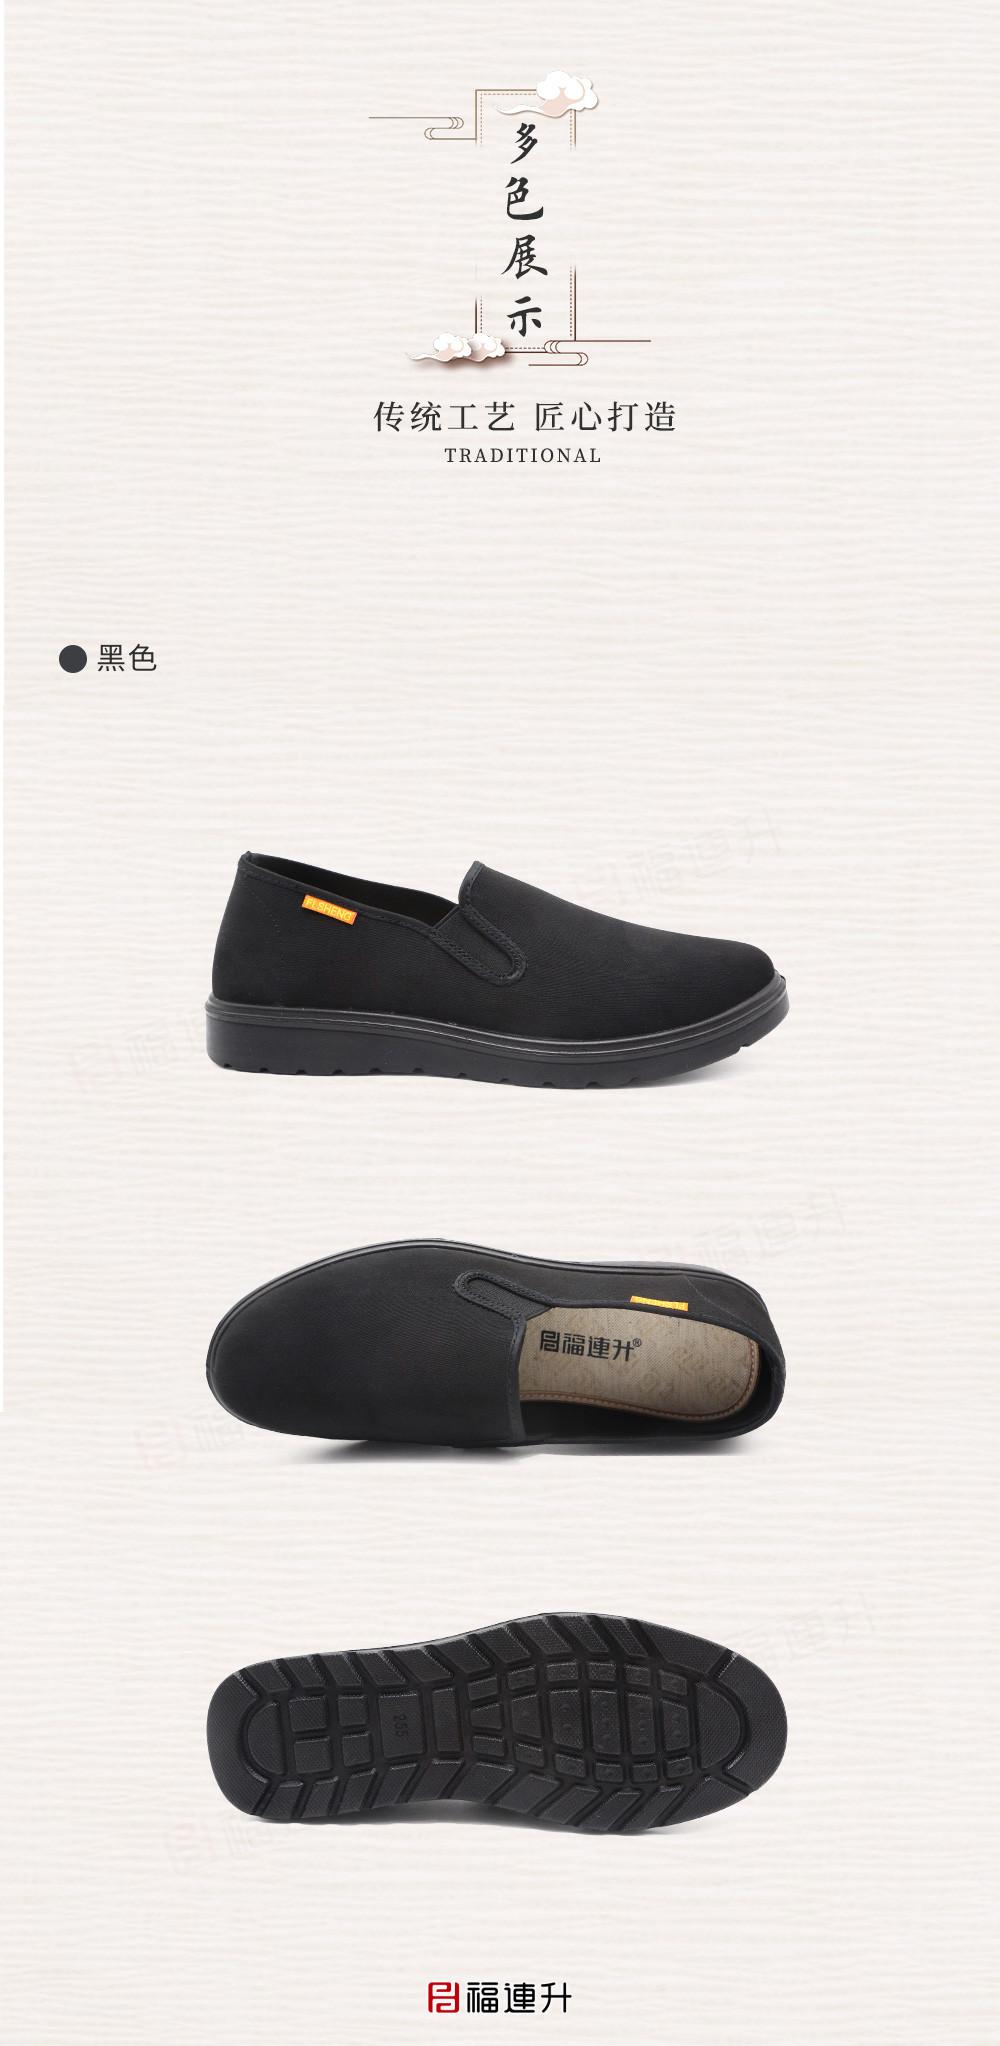 福连升老北京布鞋男鞋传统冲服呢平跟软底套脚鞋子图片